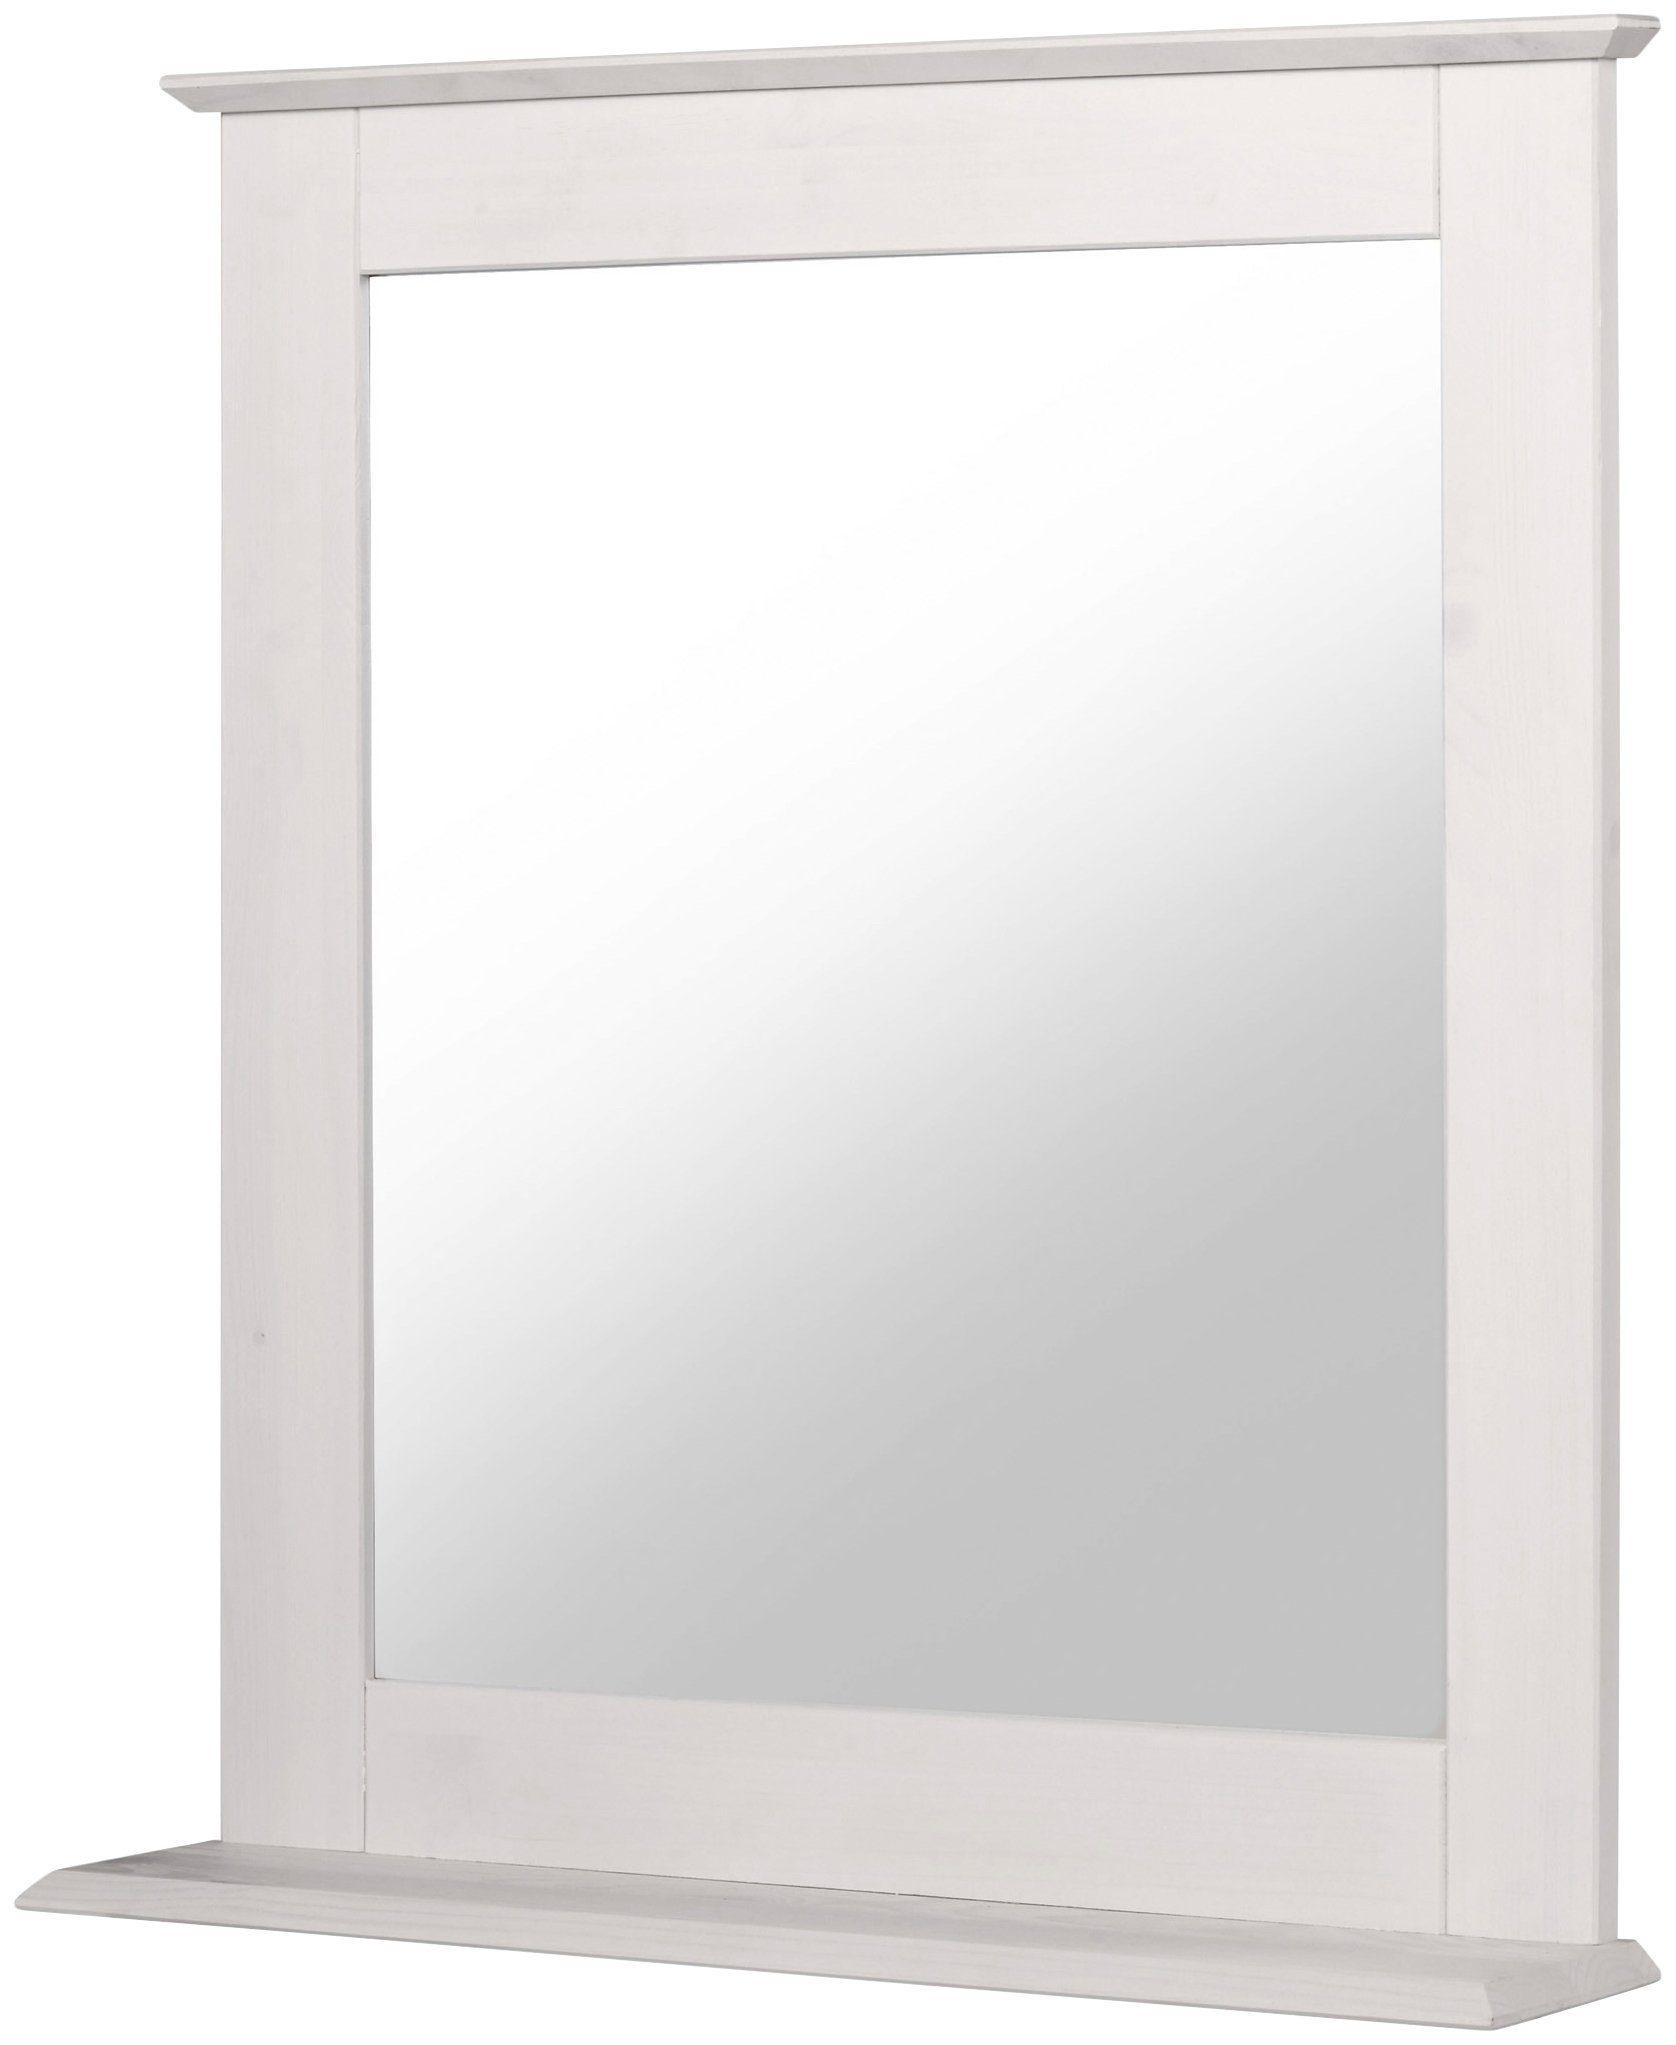 Unterschiedlich Badspiegel mit & ohne Beleuchtung » online kaufen | OTTO ZJ05